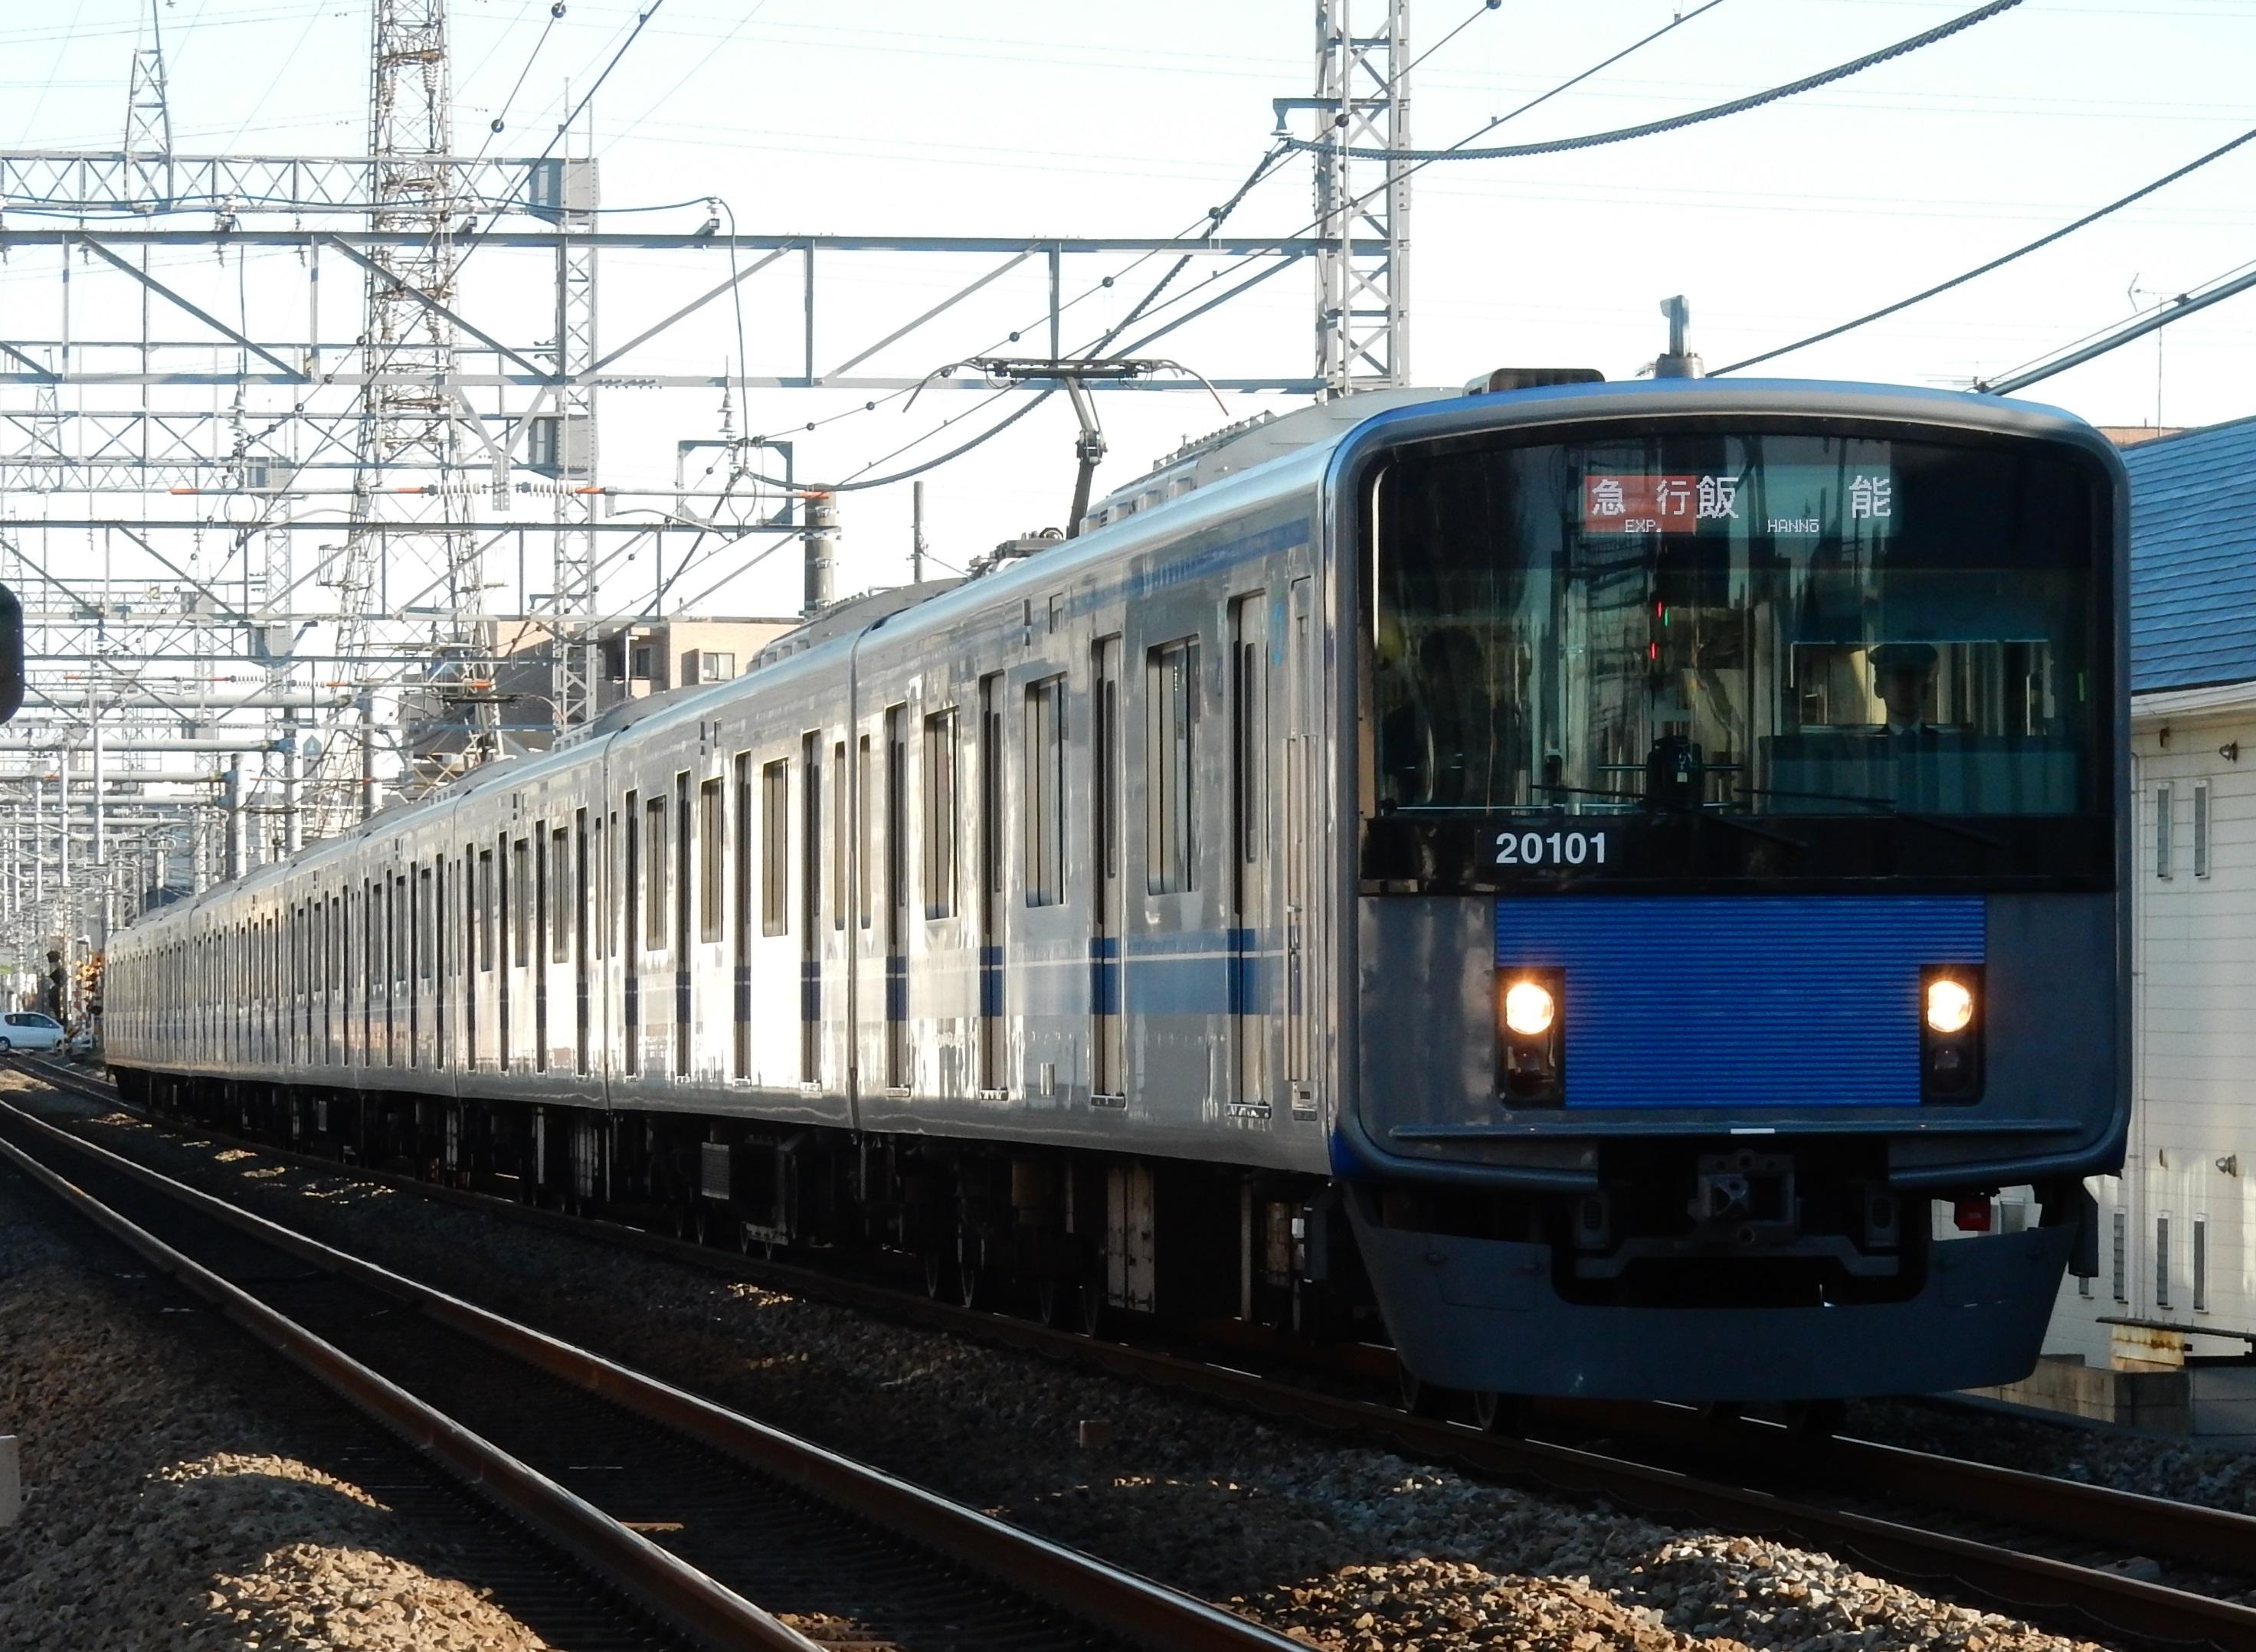 DSCN8992.jpg